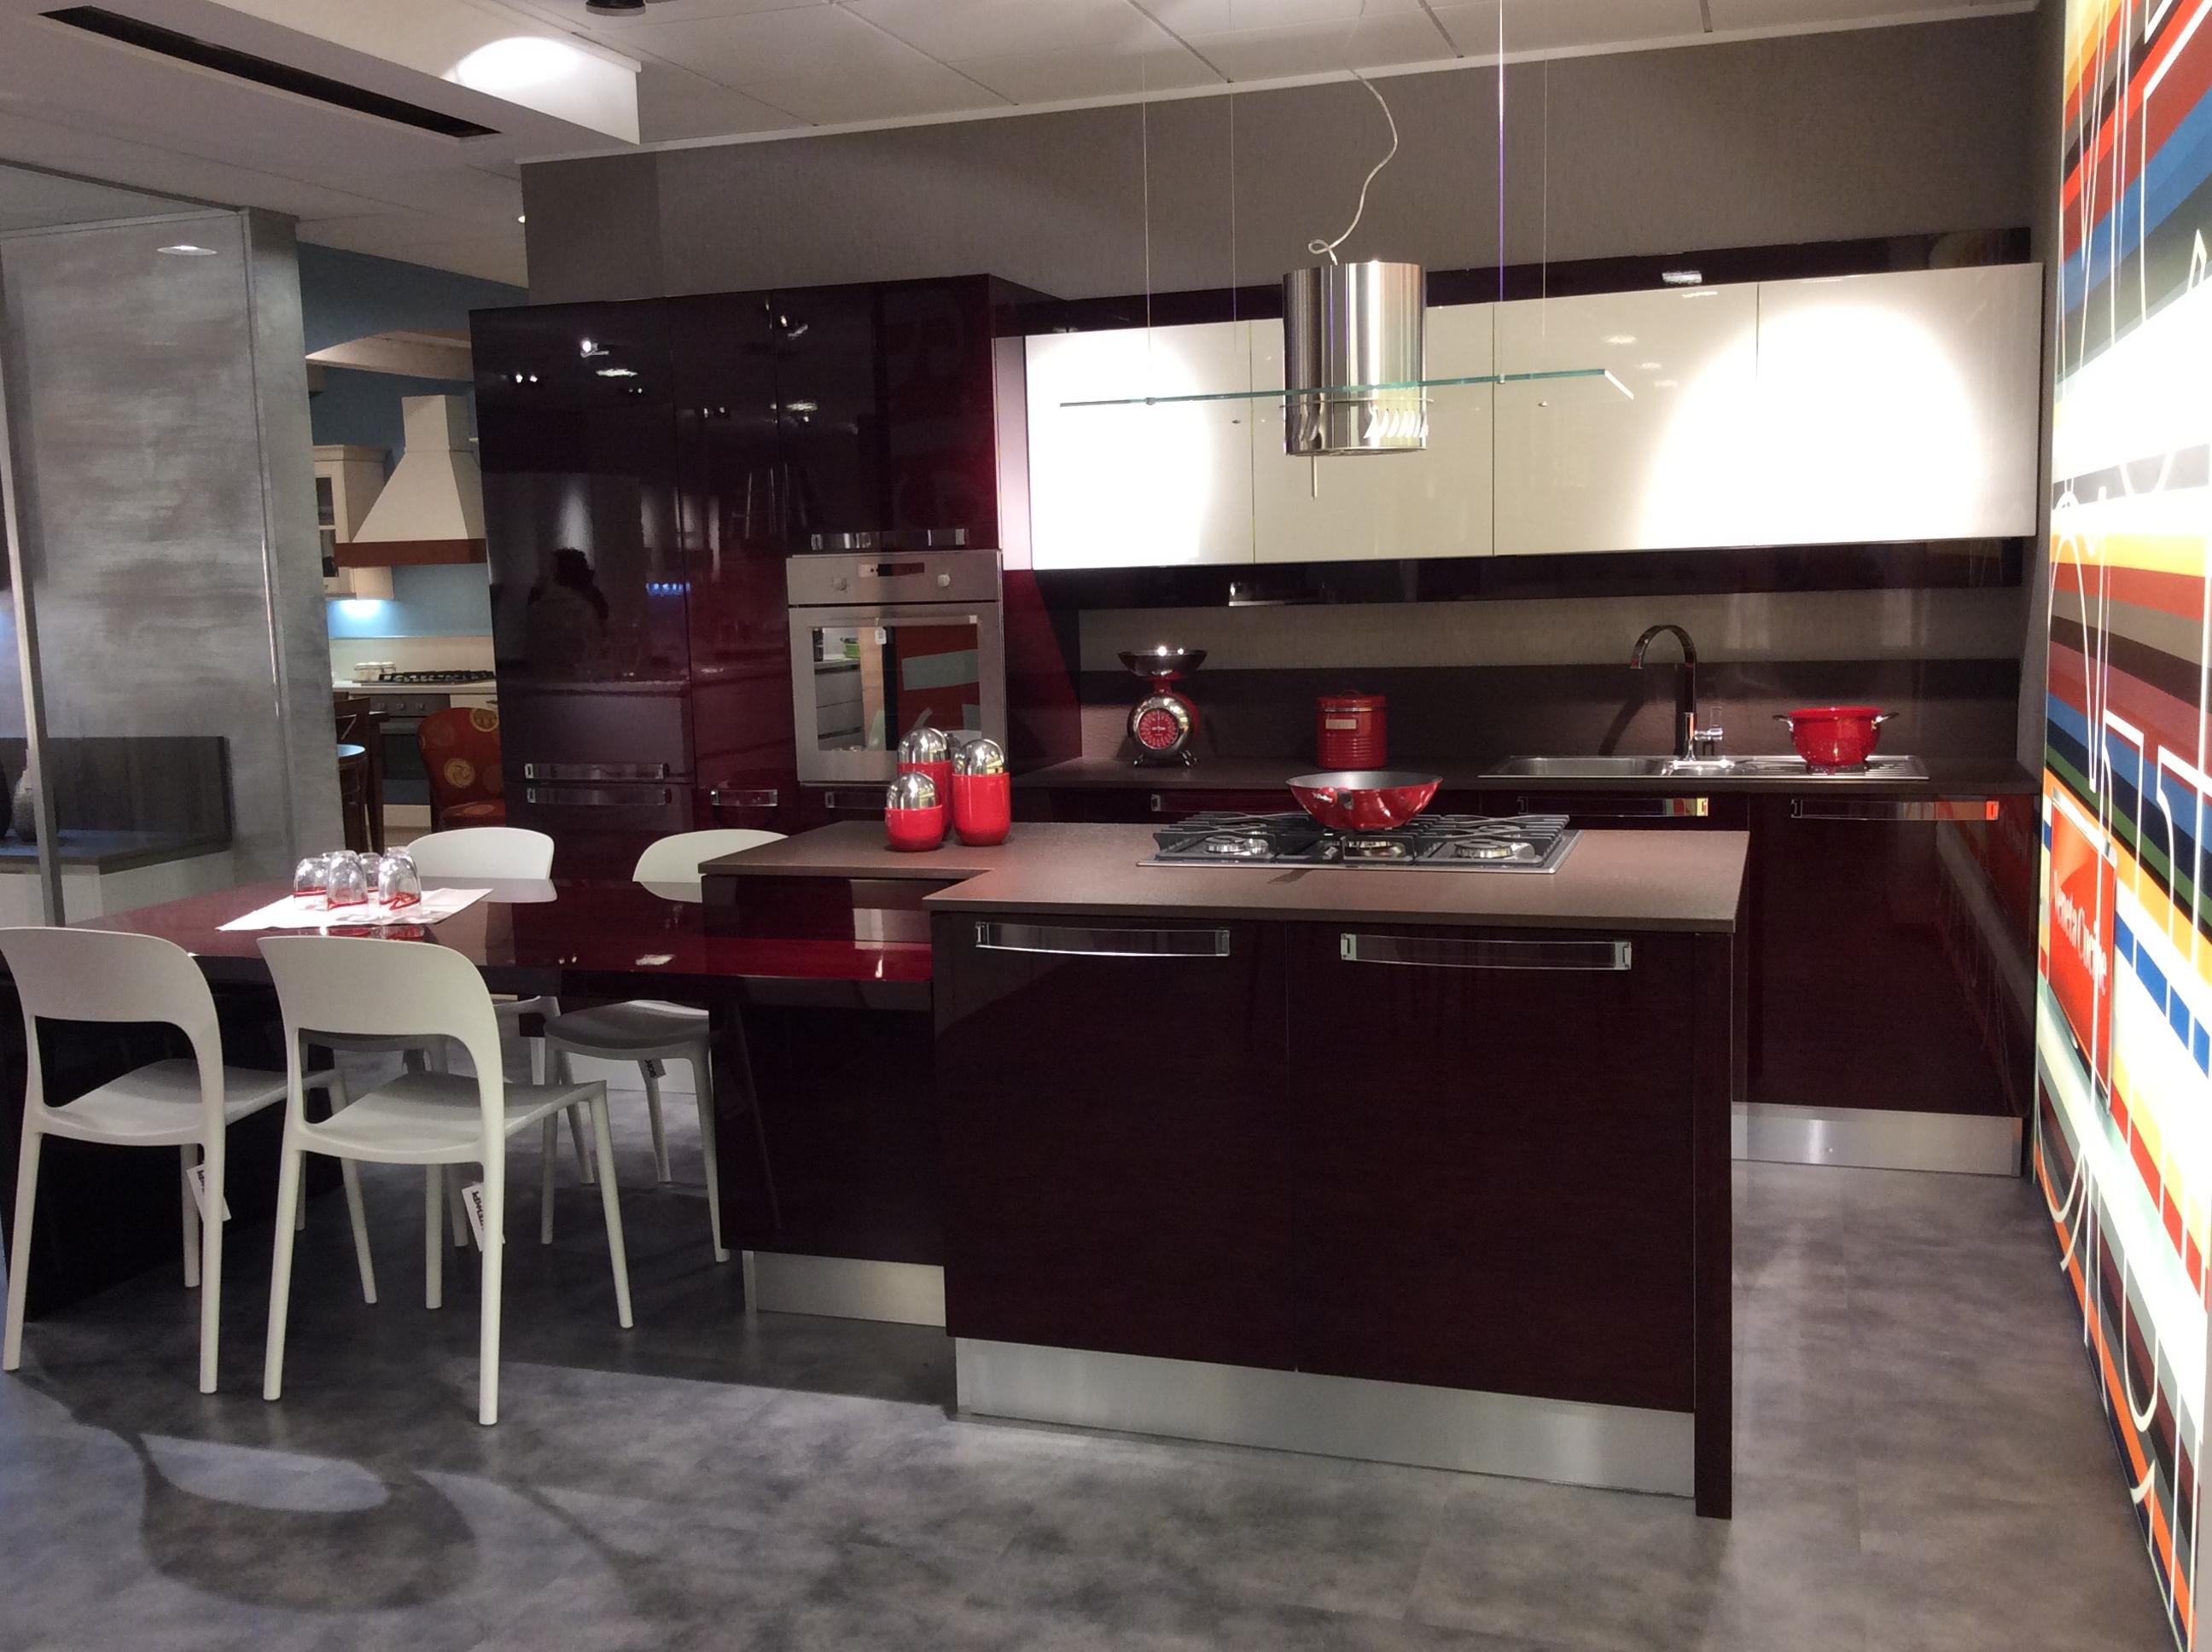 Cucina Veneta Cucine Extra Cucine A Prezzi Scontati